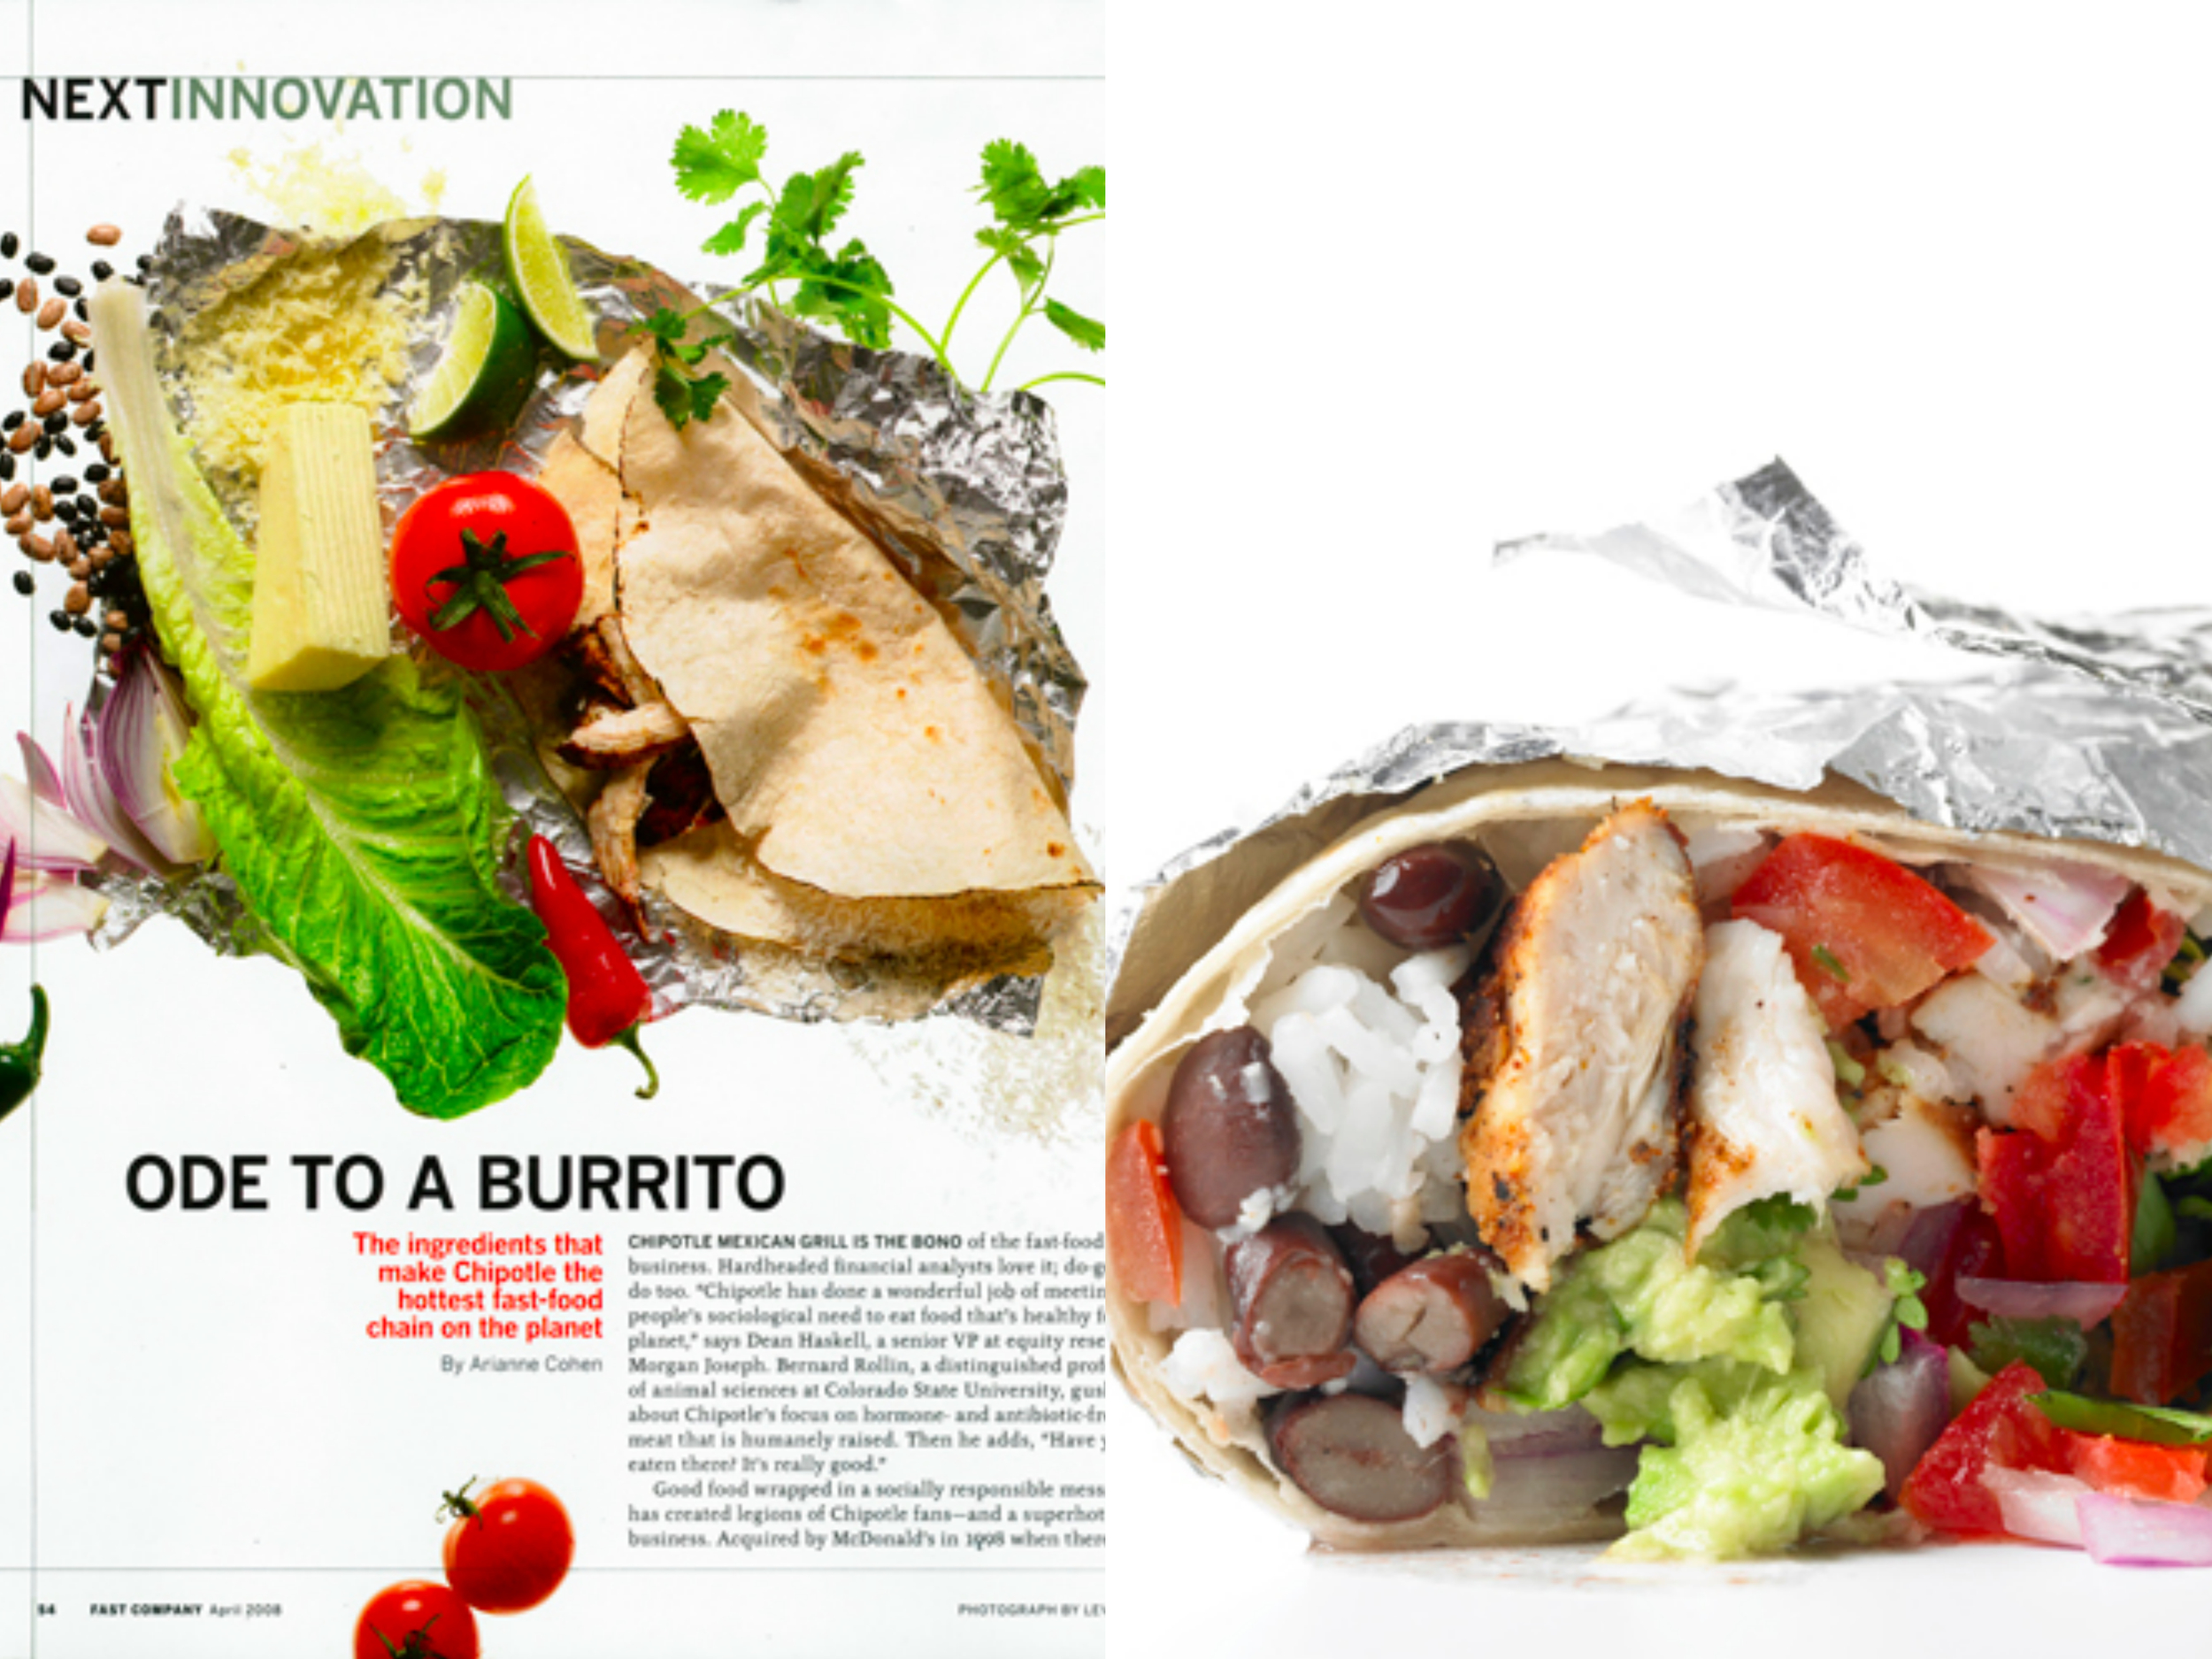 Fast Company Burrito Collage.jpg